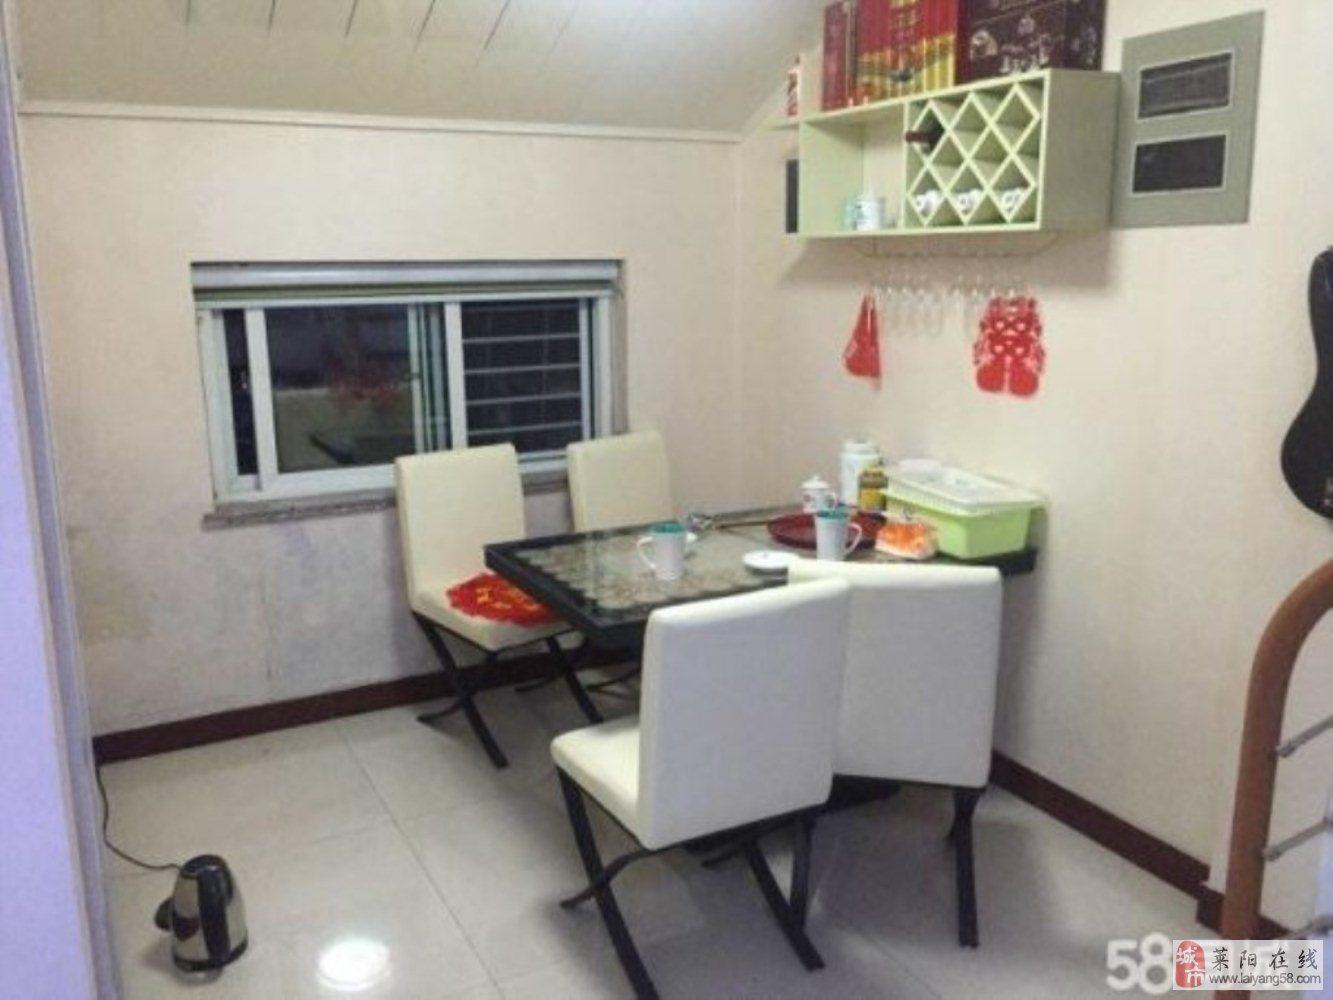 莱阳市新房源,温馨佳苑3室2厅1卫55万元